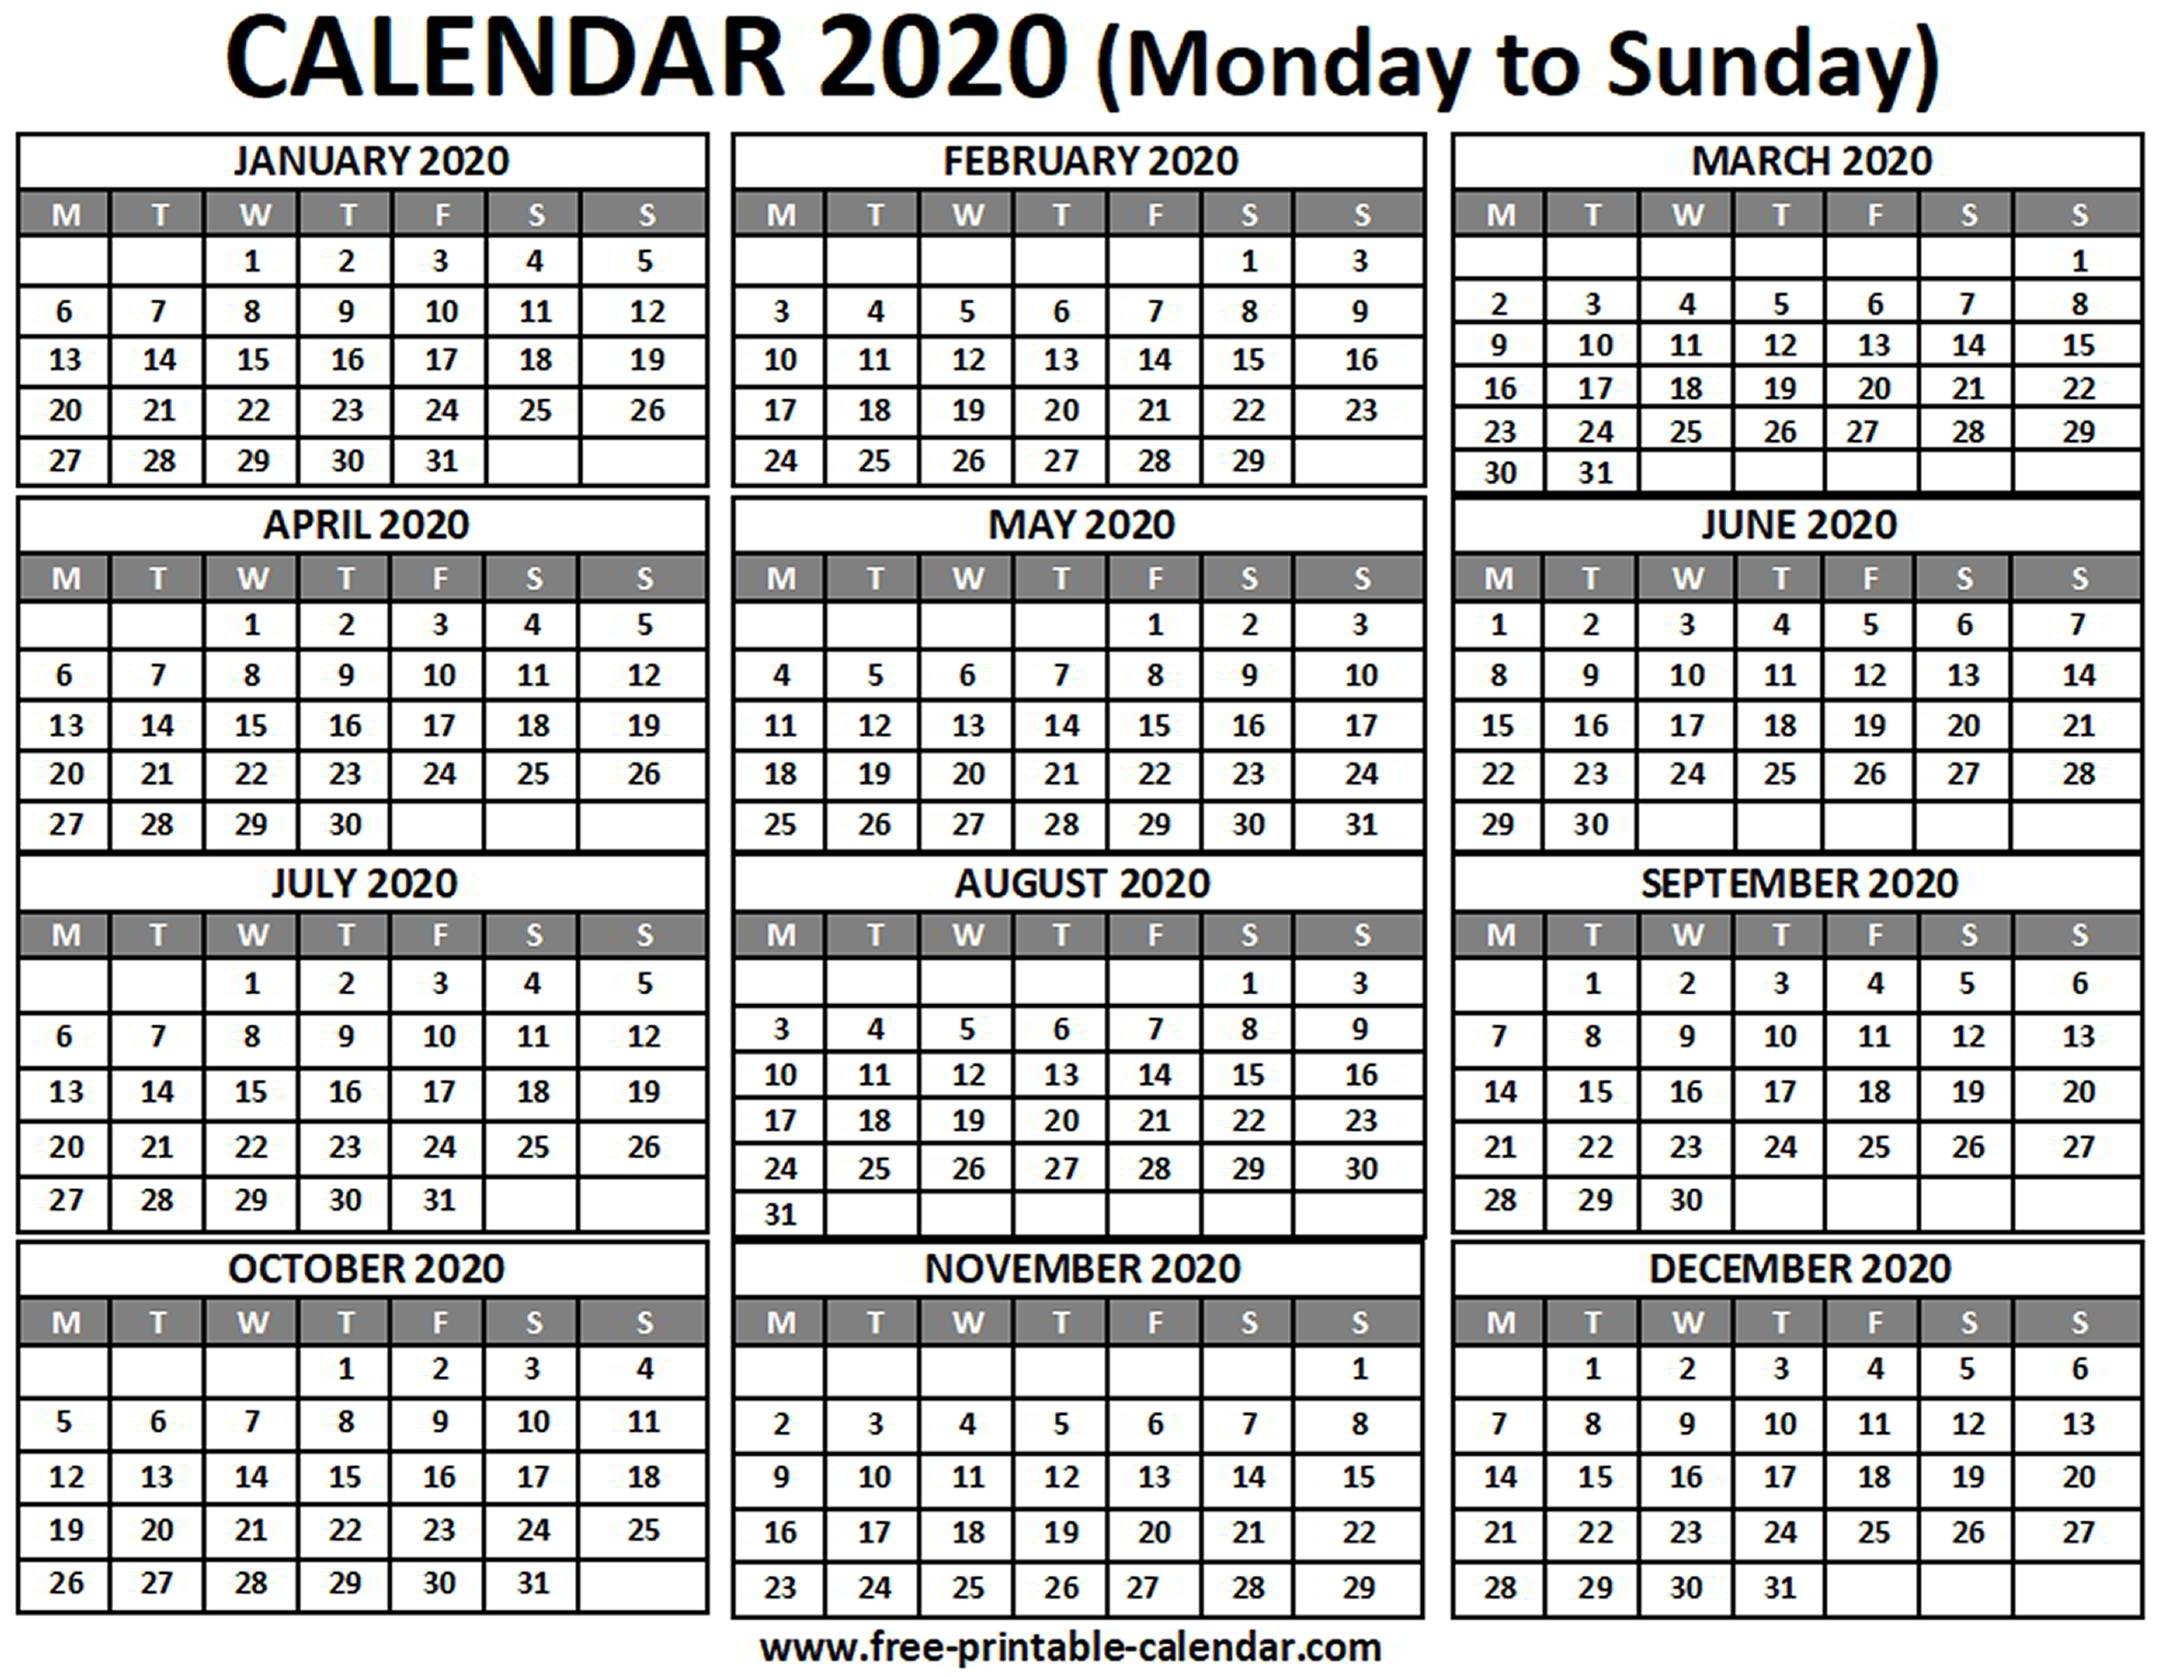 2020 Calendar - Free-Printable-Calendar regarding 2020 Calendar Print Mon To Sunday